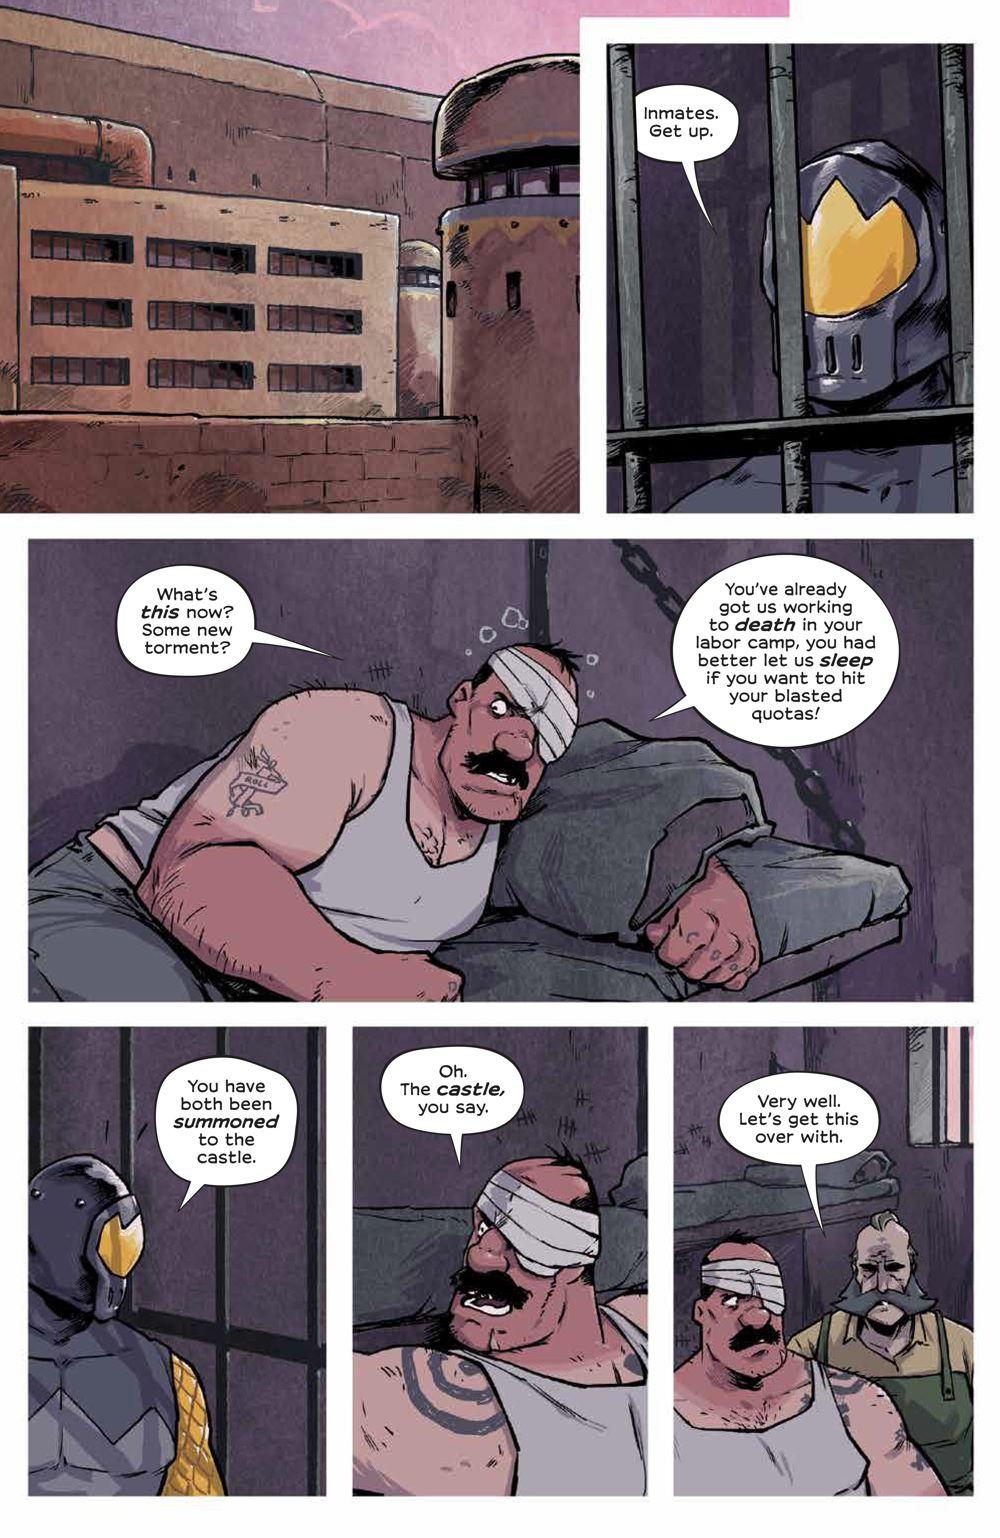 Wynd_007_PRESS_3 ComicList Previews: WYND #7